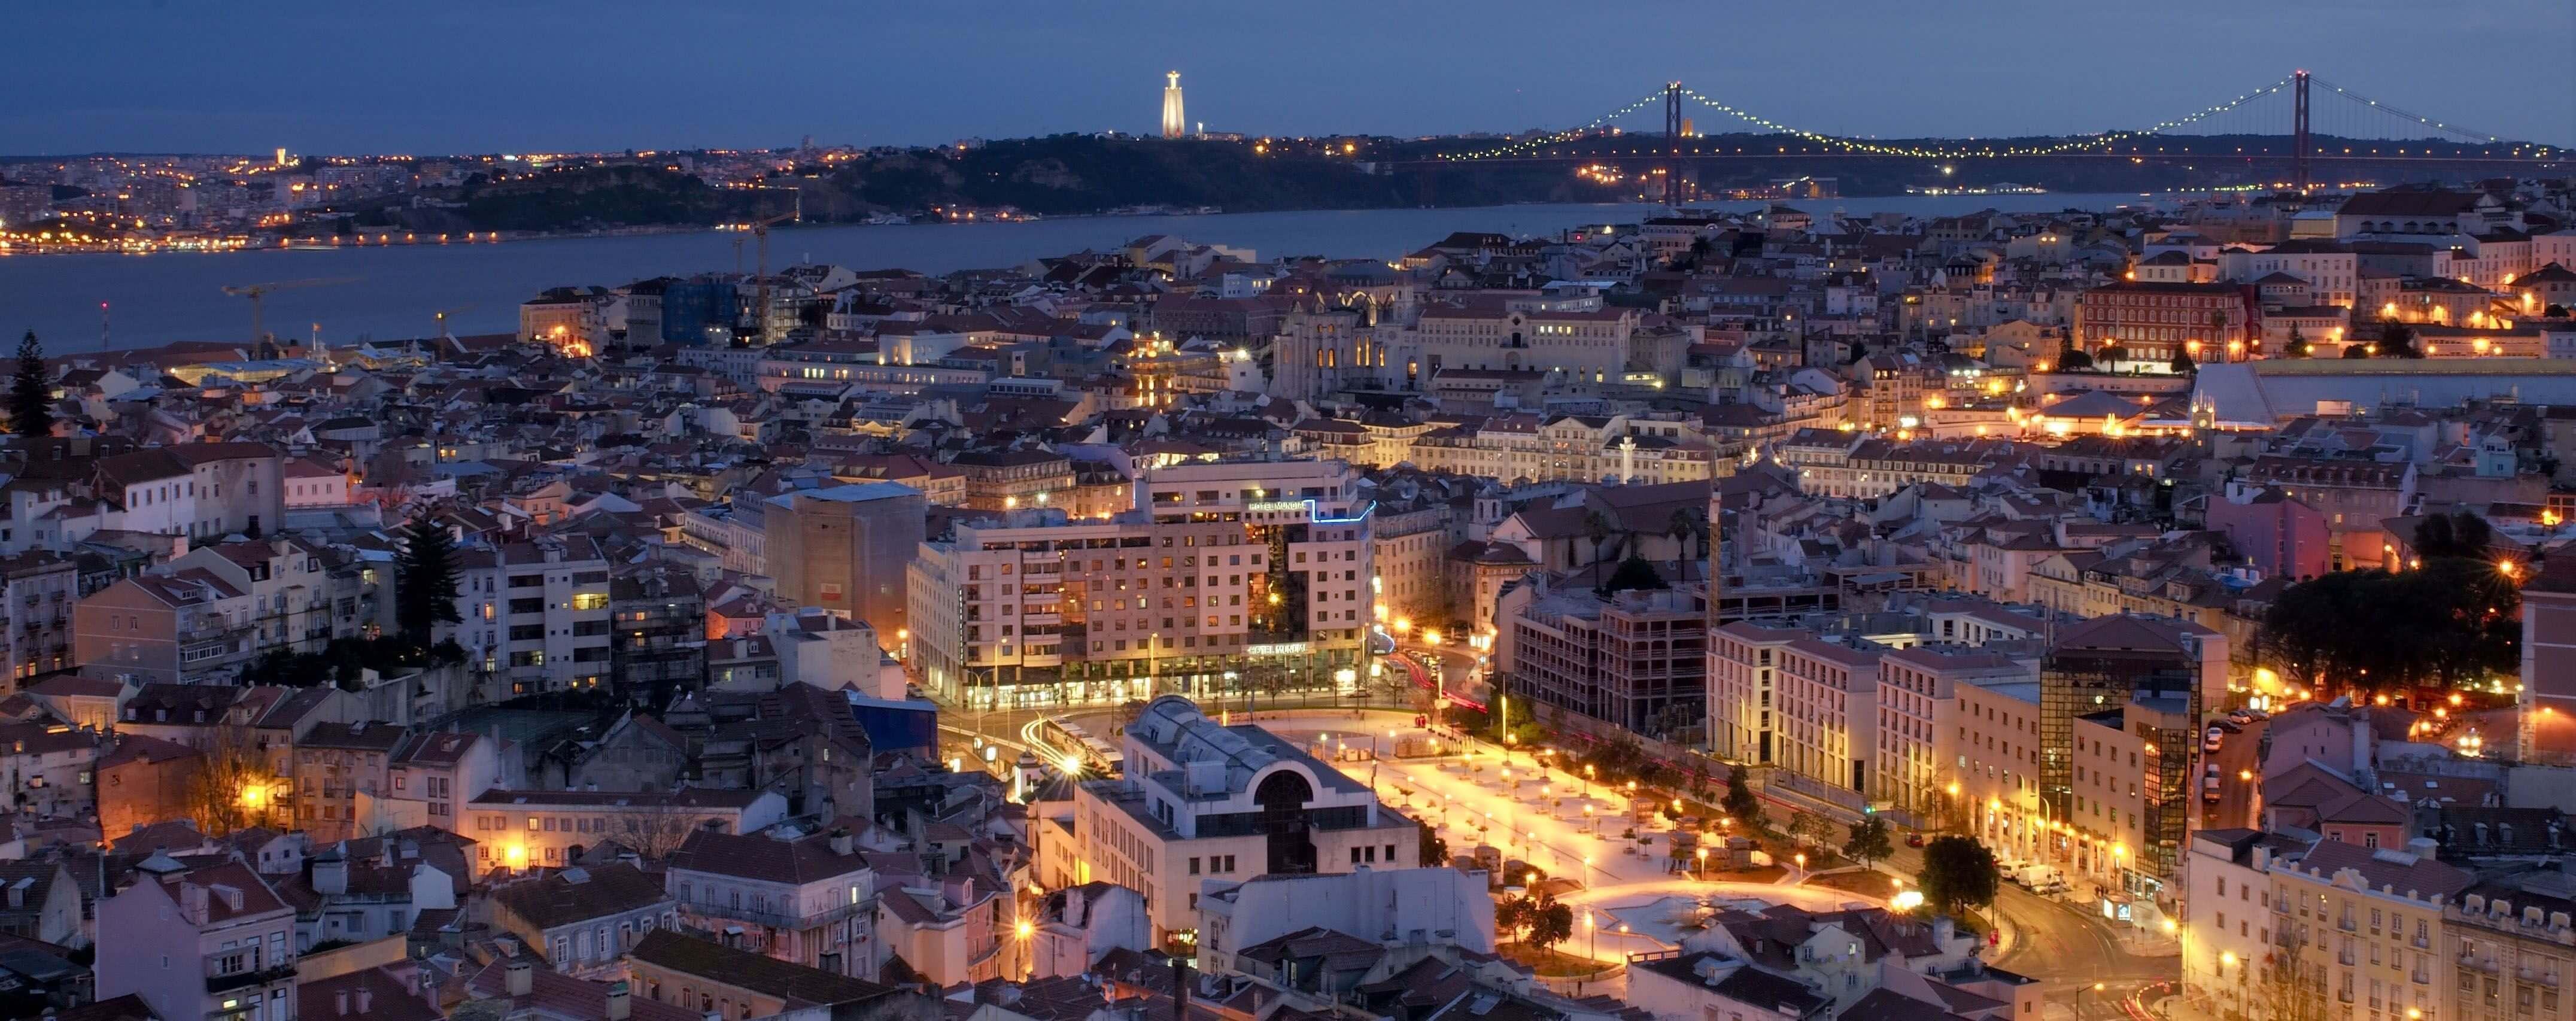 Lisbon Desktop Wallpapers